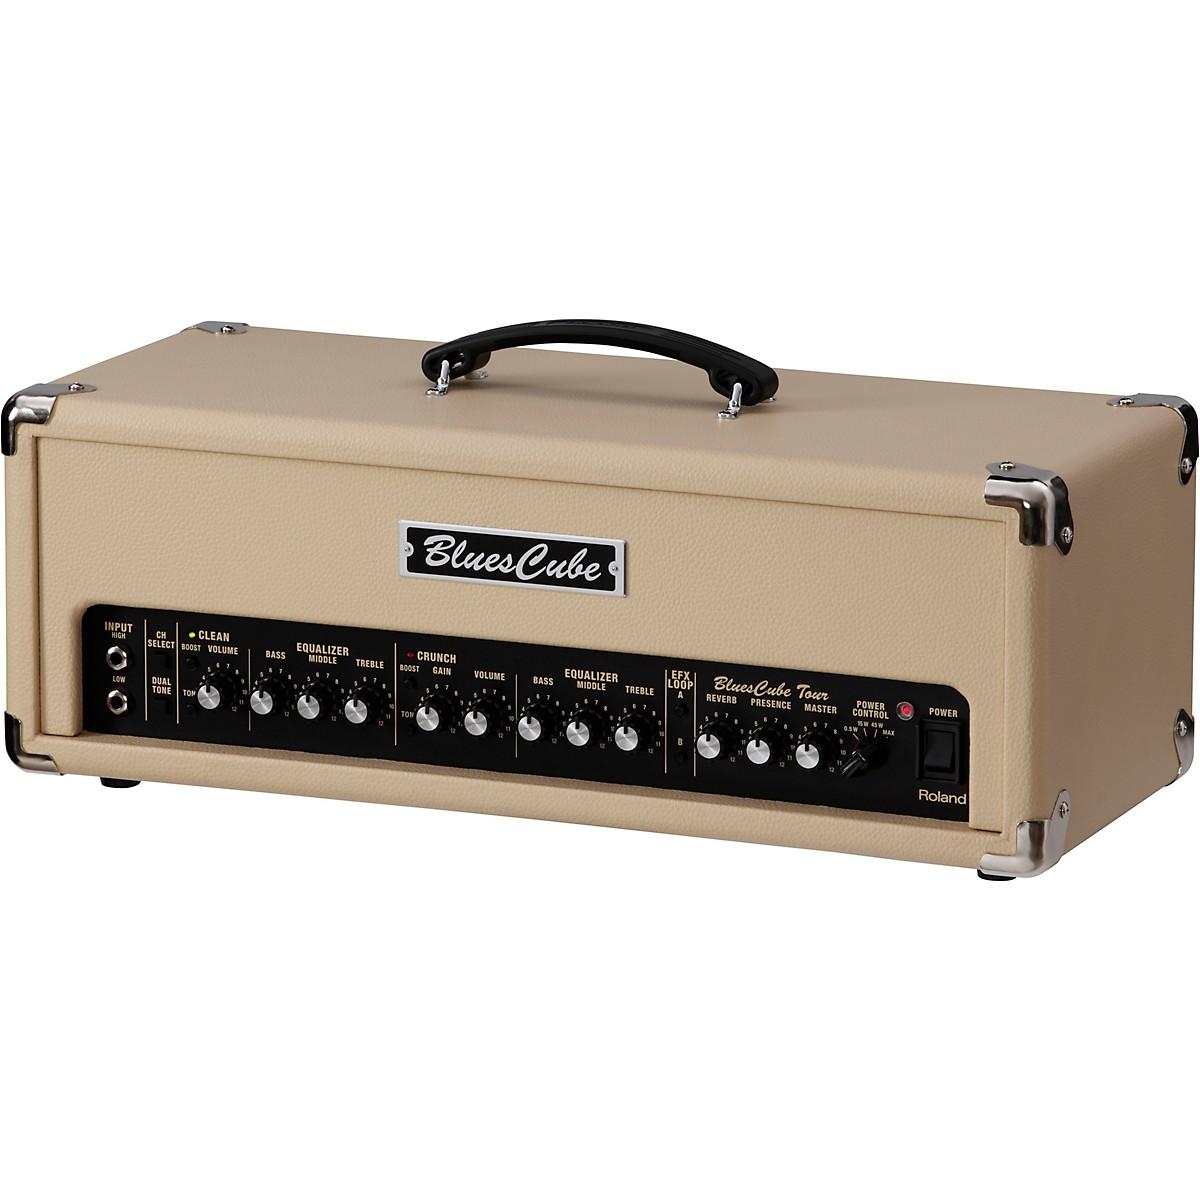 Roland Blues Cube Tour 100W Guitar Amplifier Head